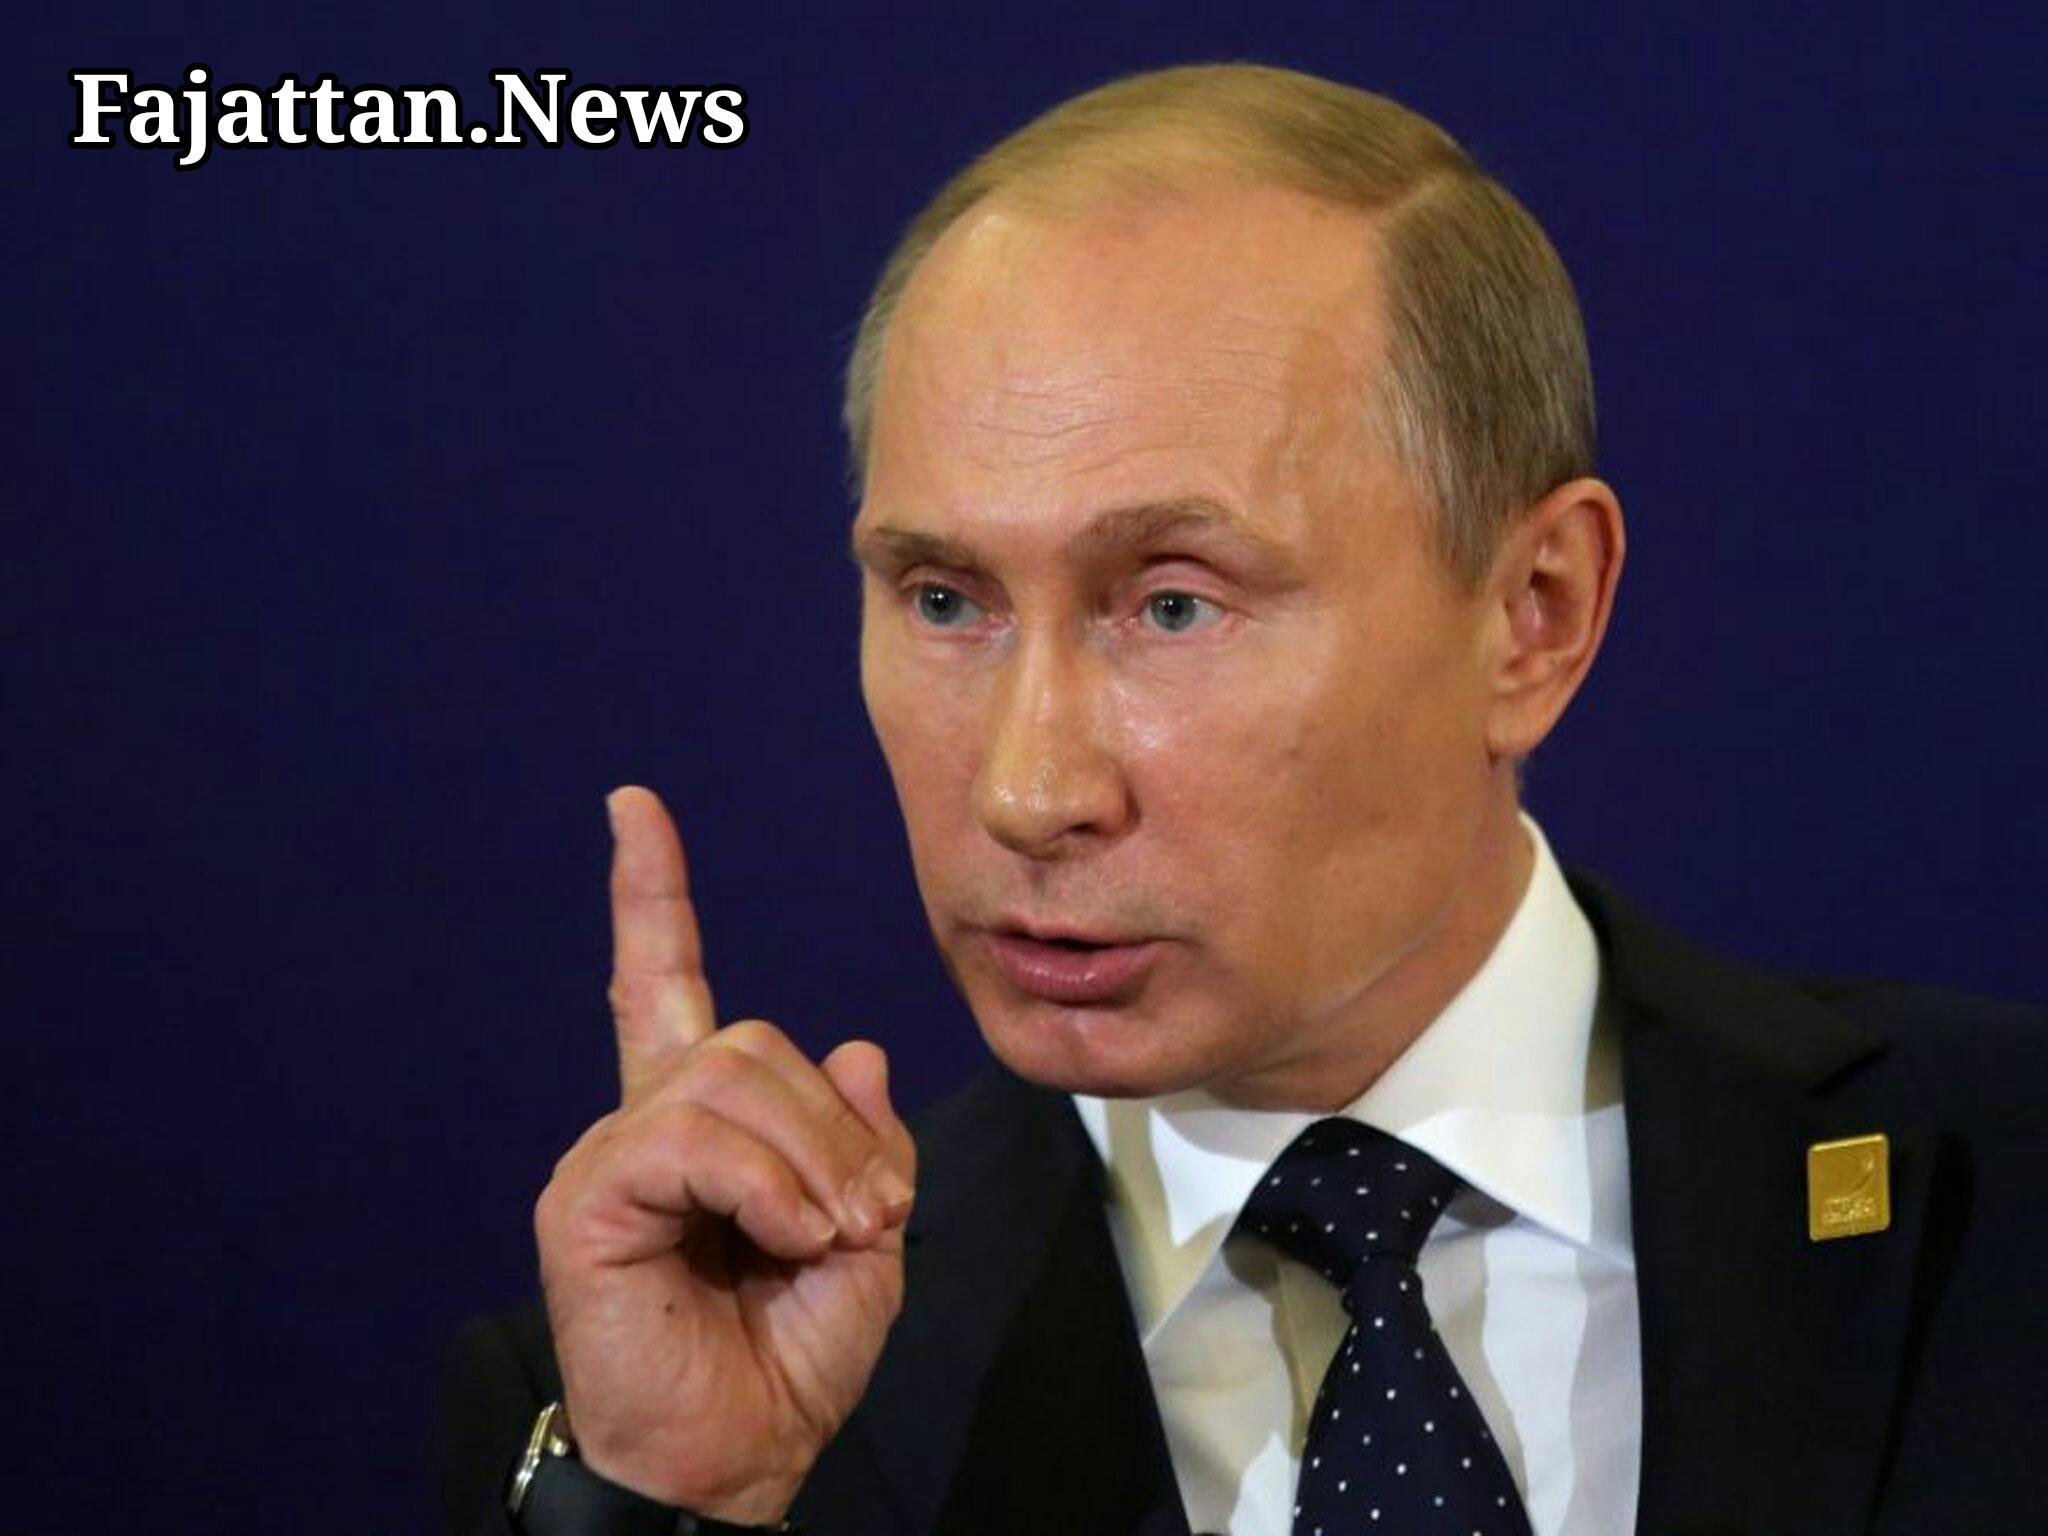 قلق أمريكي حول تحركات عسكرية روسية في سوريا